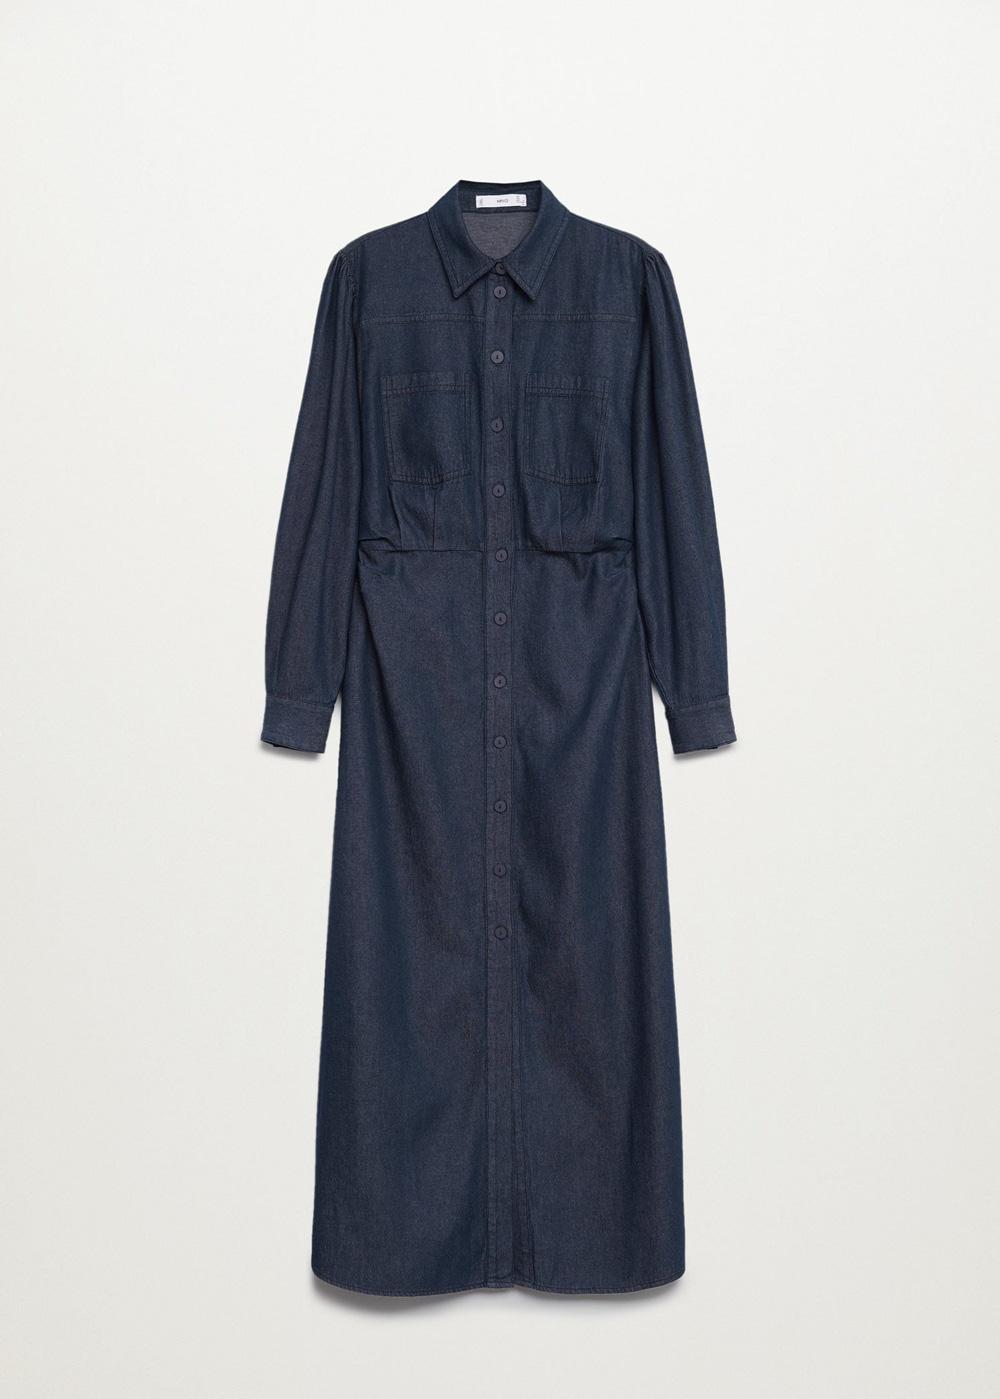 Mango traper haljina proljeće 2021.